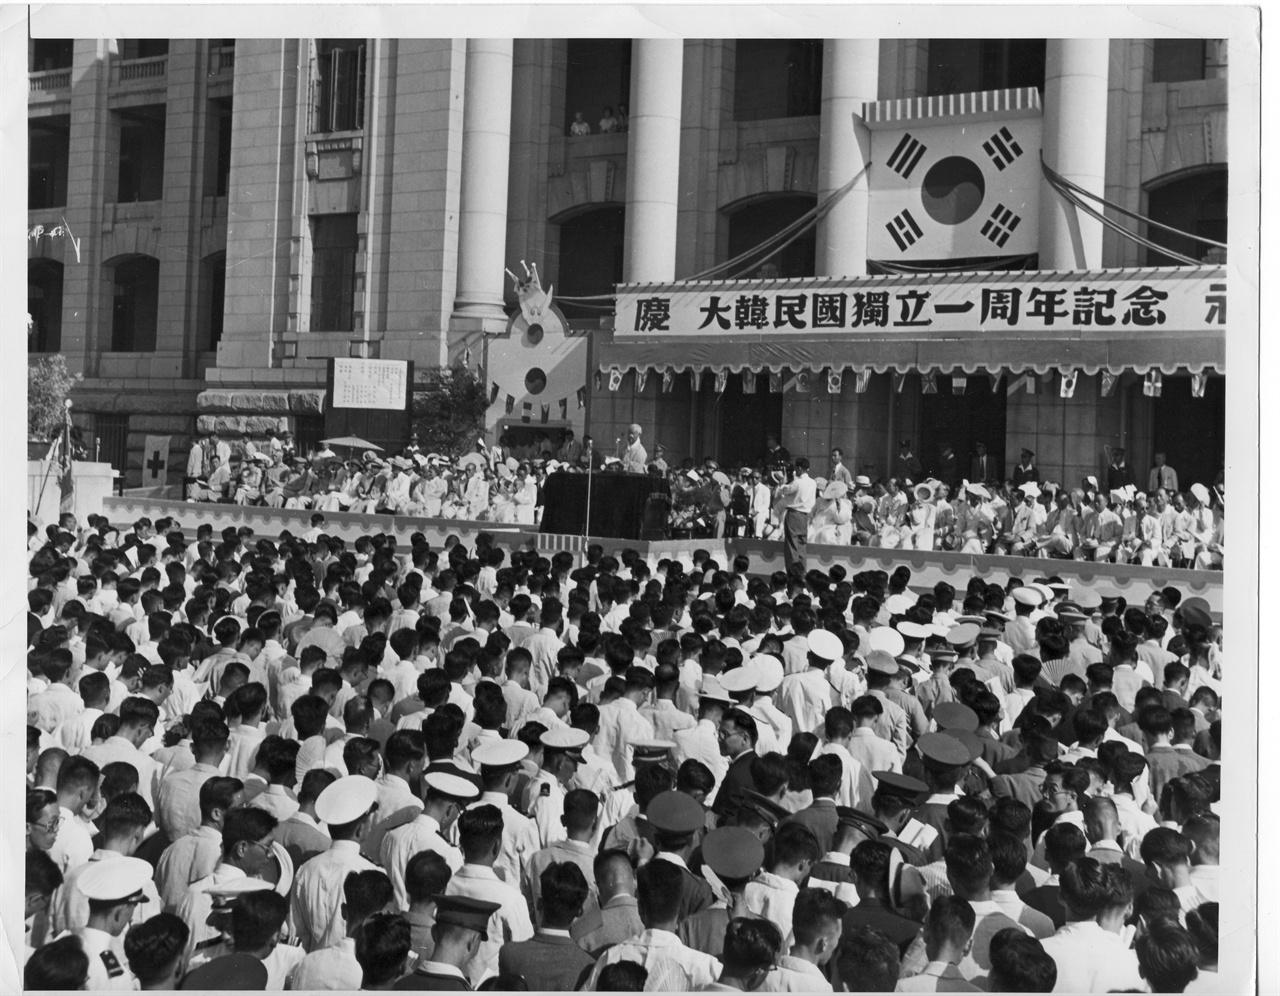 이승만 대통령이 중앙청 광장에서 열린 대한민국 독립1주년 기념식장에서 경축사를 하고 있다(1949. 8. 15.).